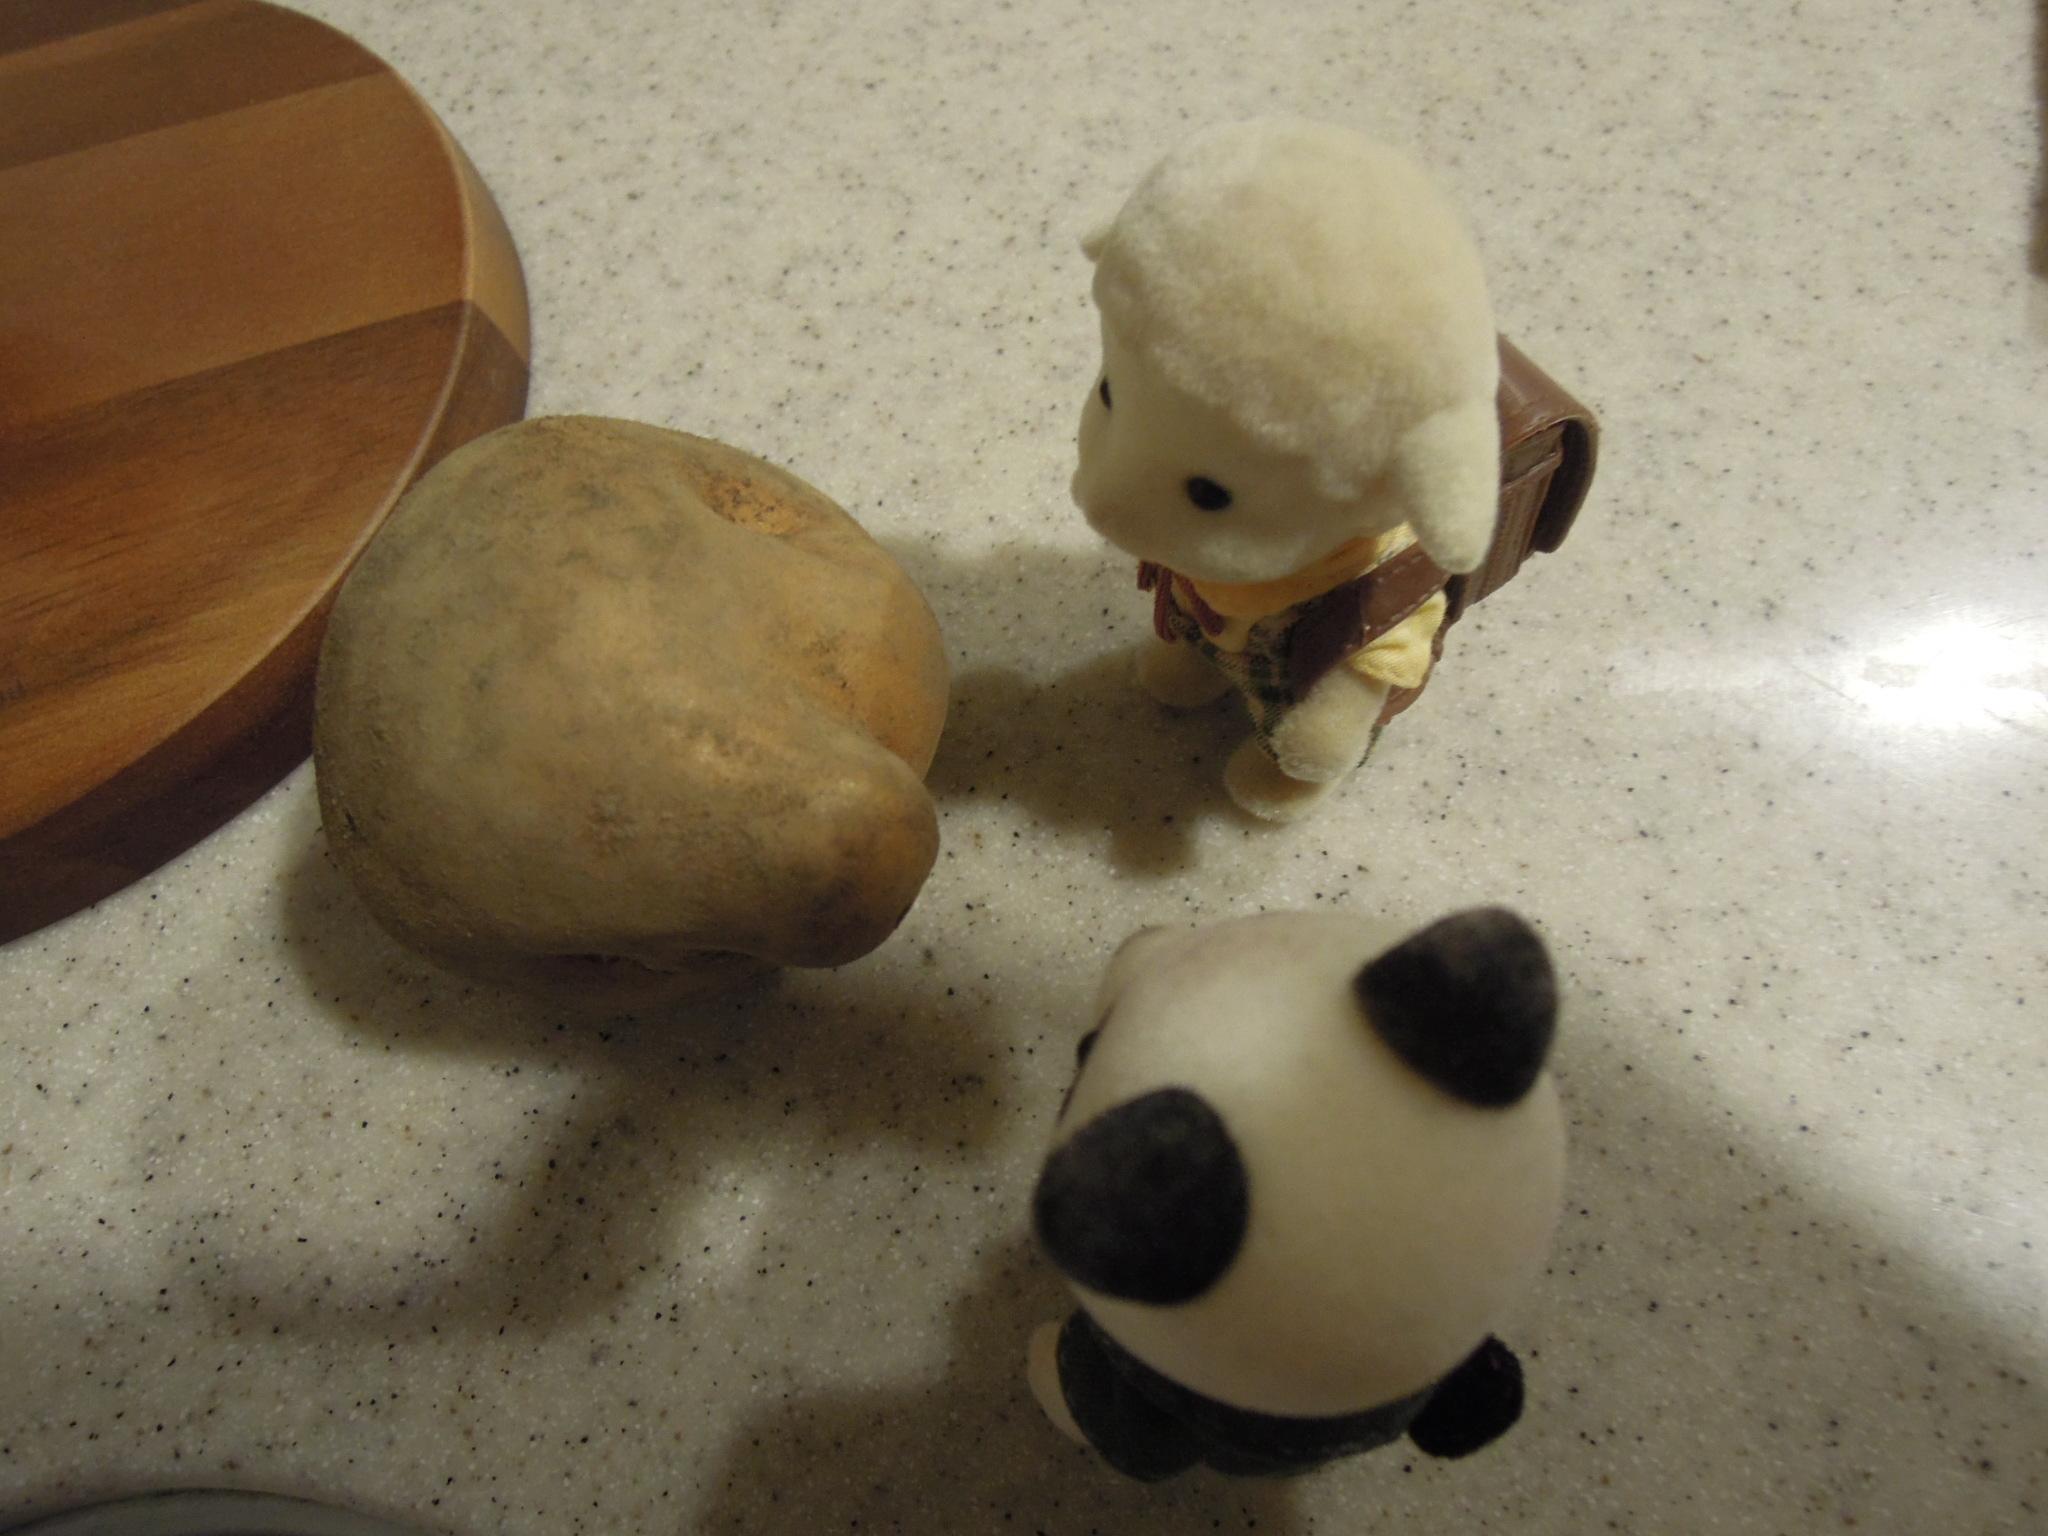 【雑談】久々にパンダを連れて小旅行へ出かける!そうだ!京都に行こう!パート2